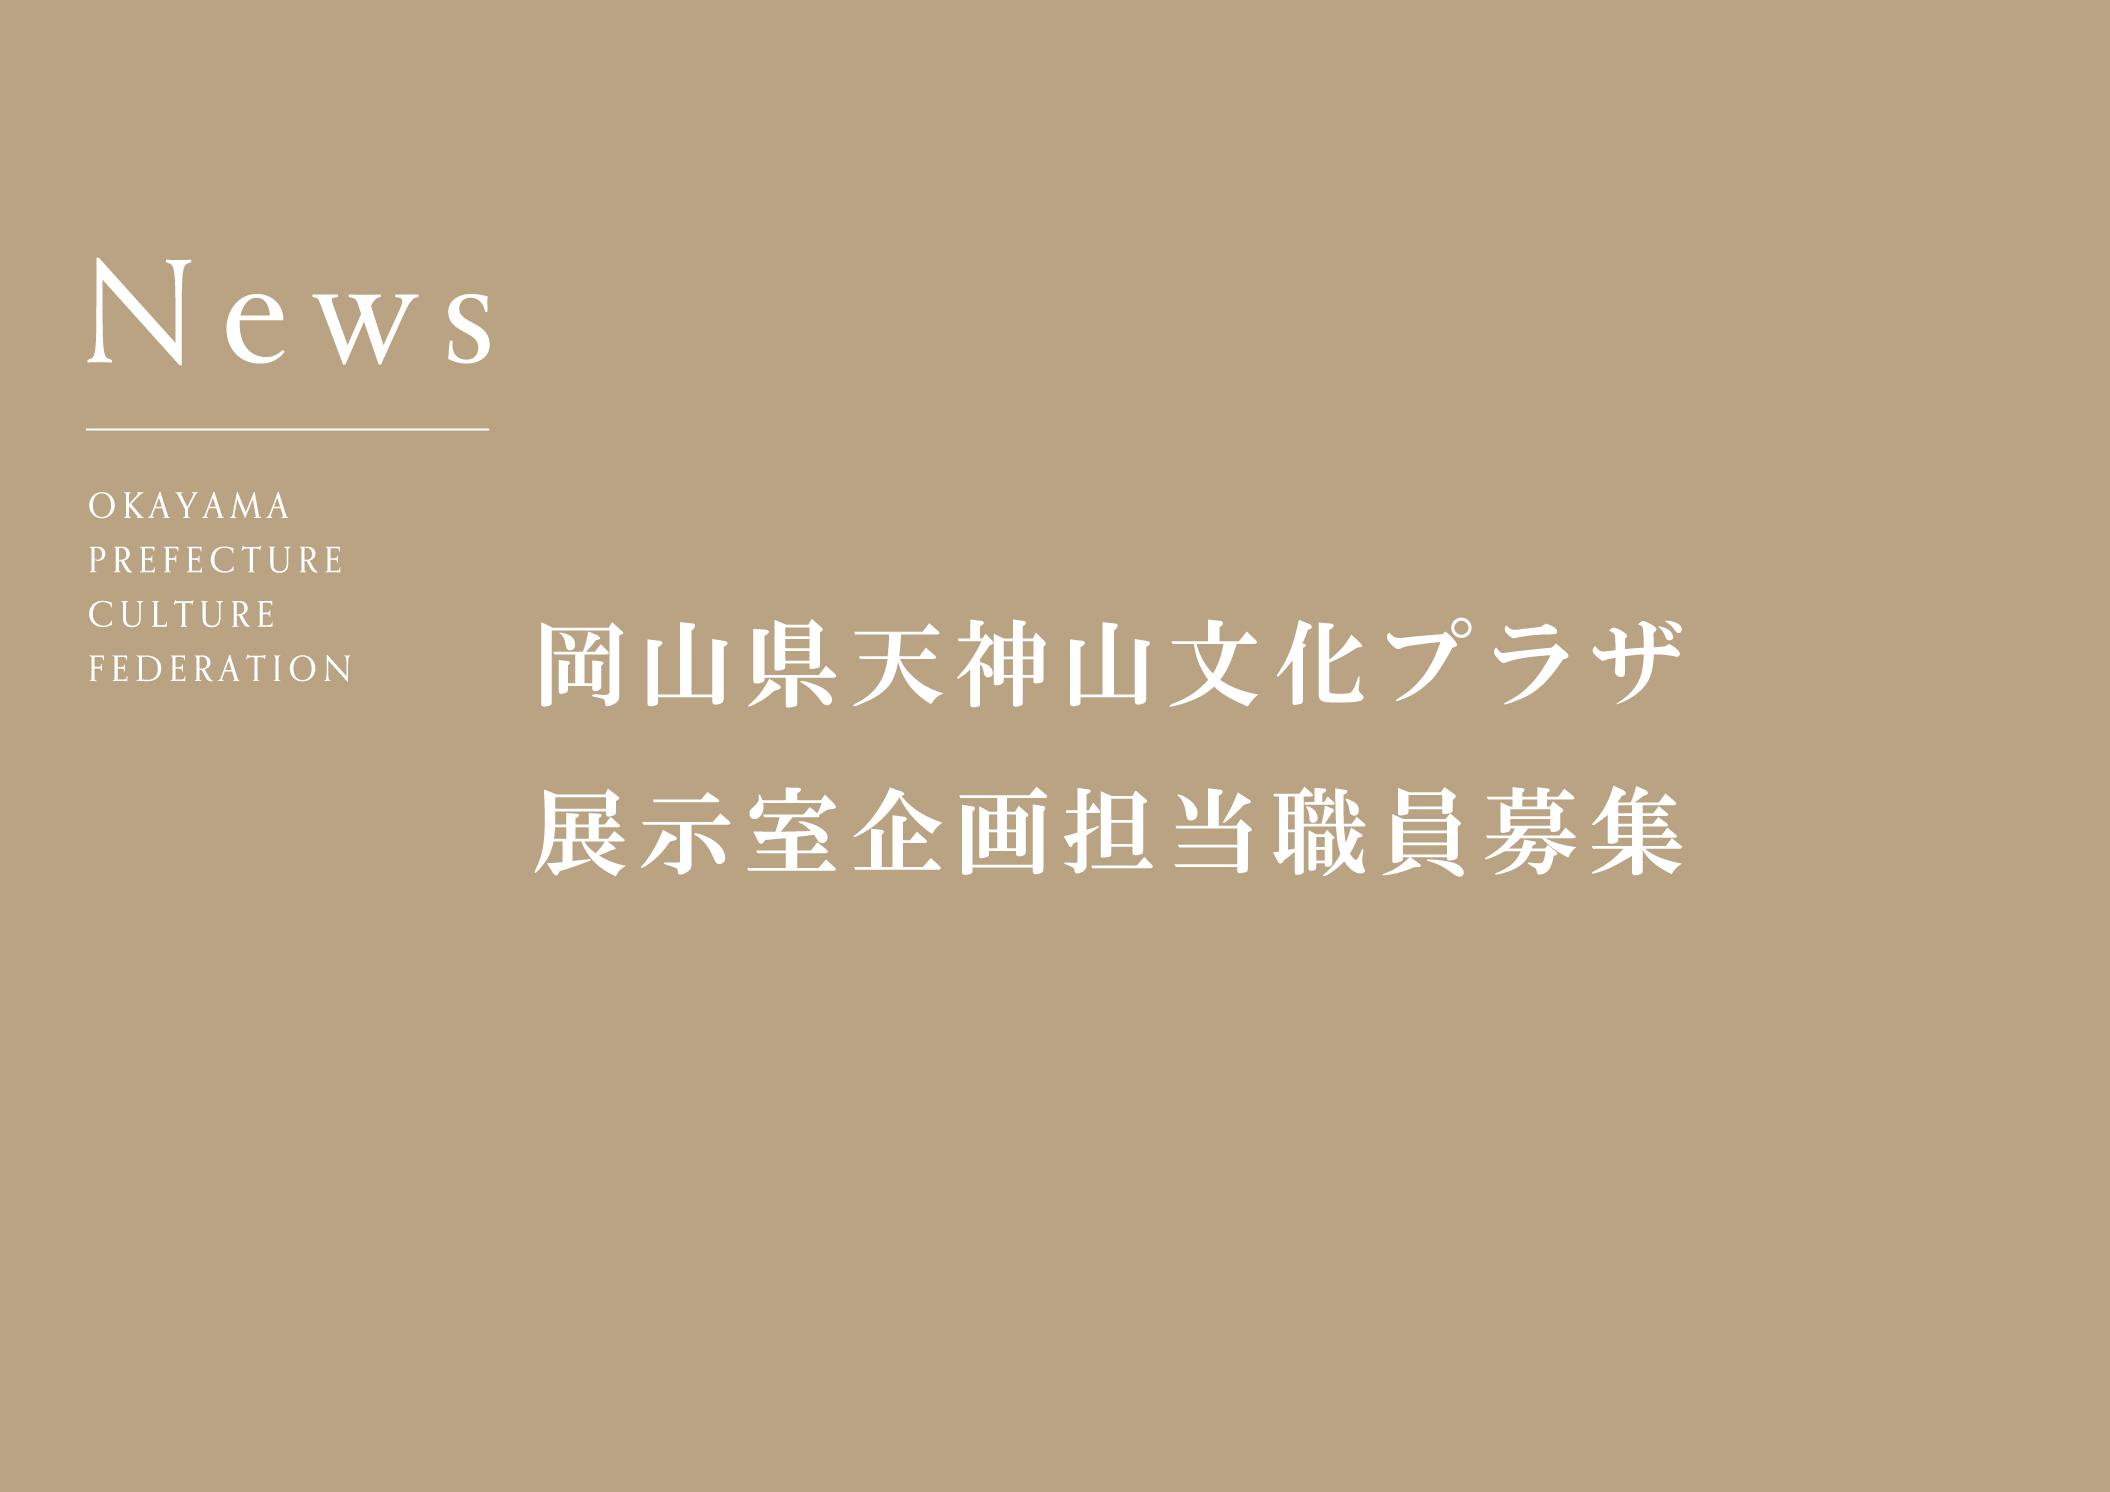 岡山県天神山文化プラザ 展示室企画担当職員募集